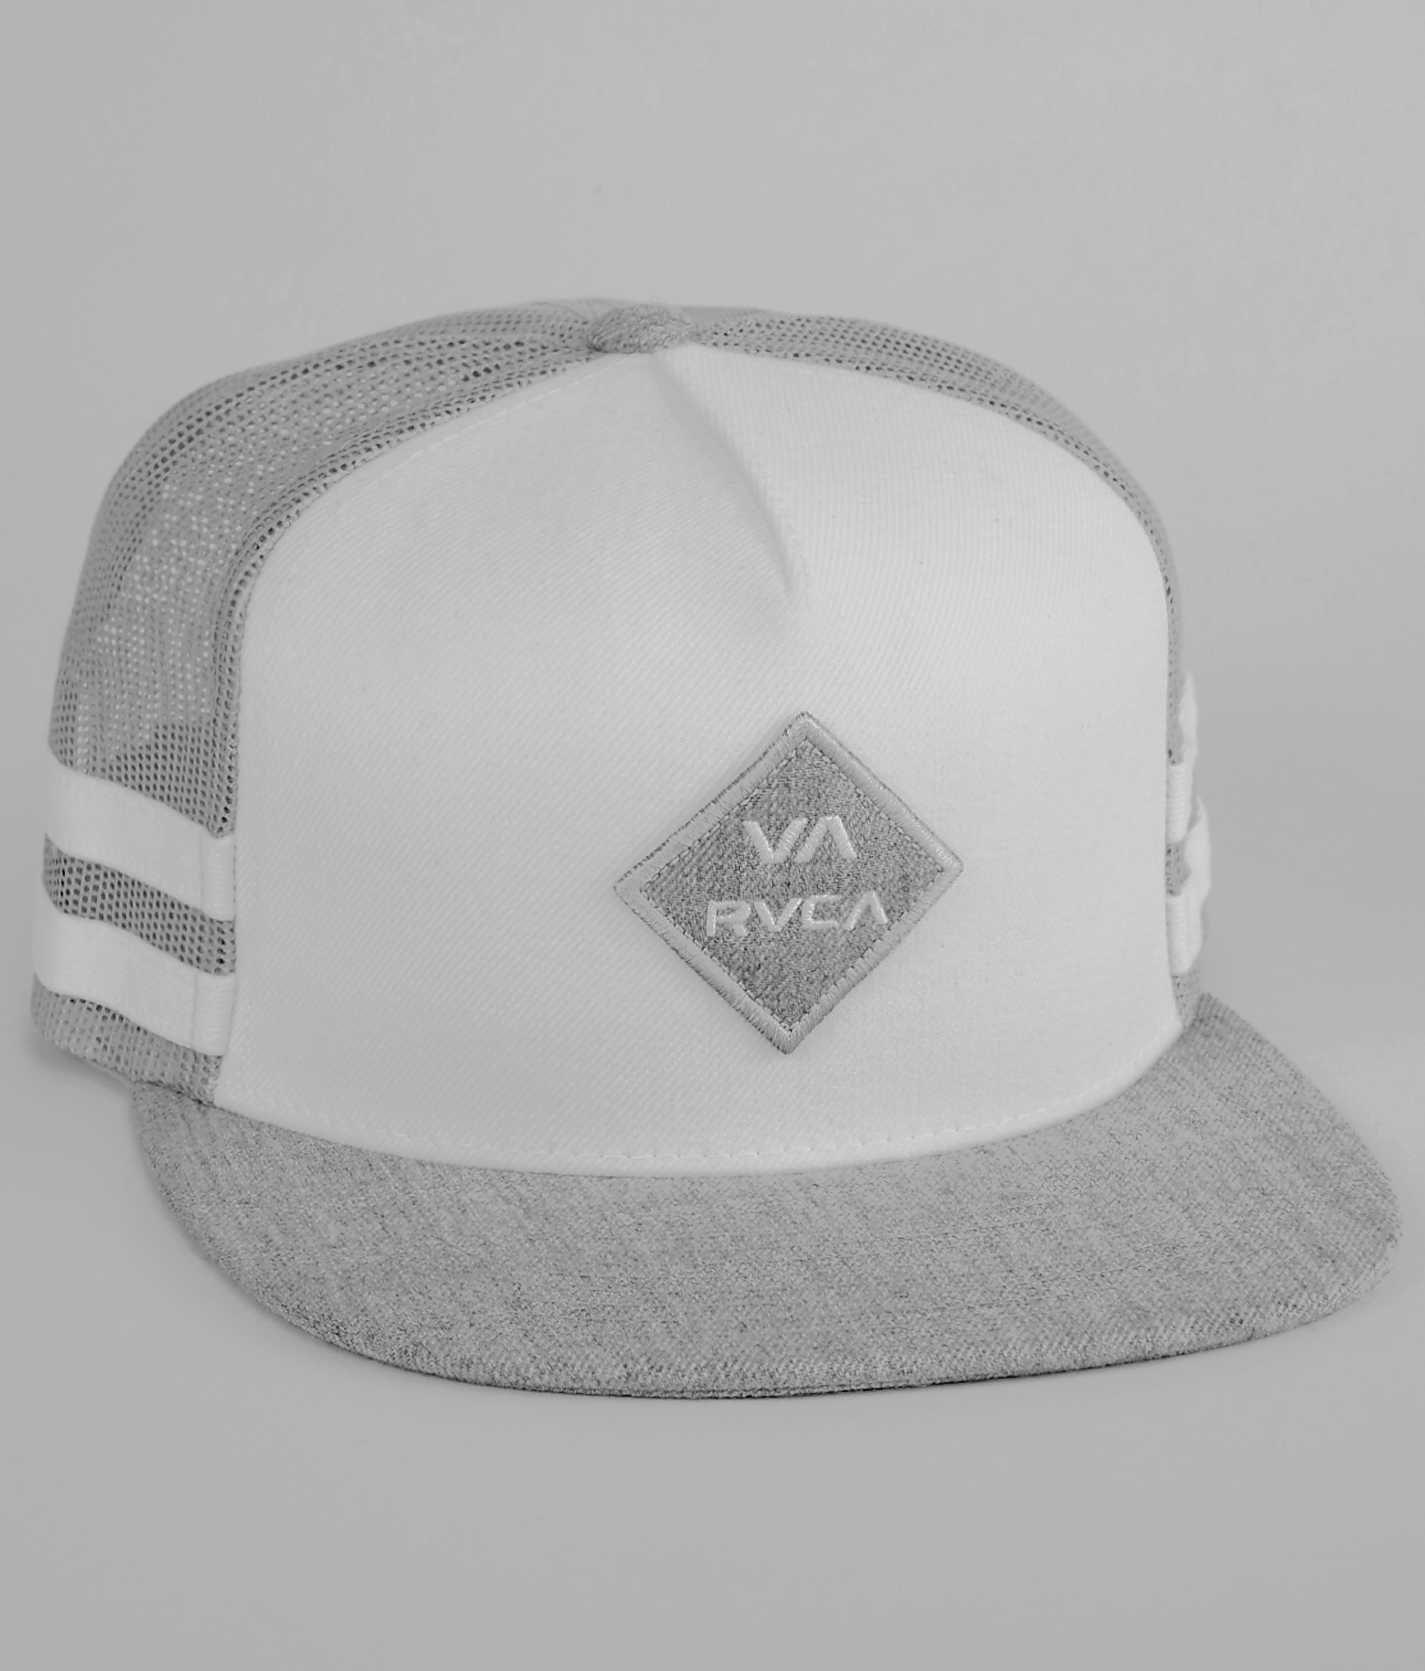 pretty nice 527c1 b63d5 ... closeout rvca stripes trucker hat mens hats in white 0921e 0cc83